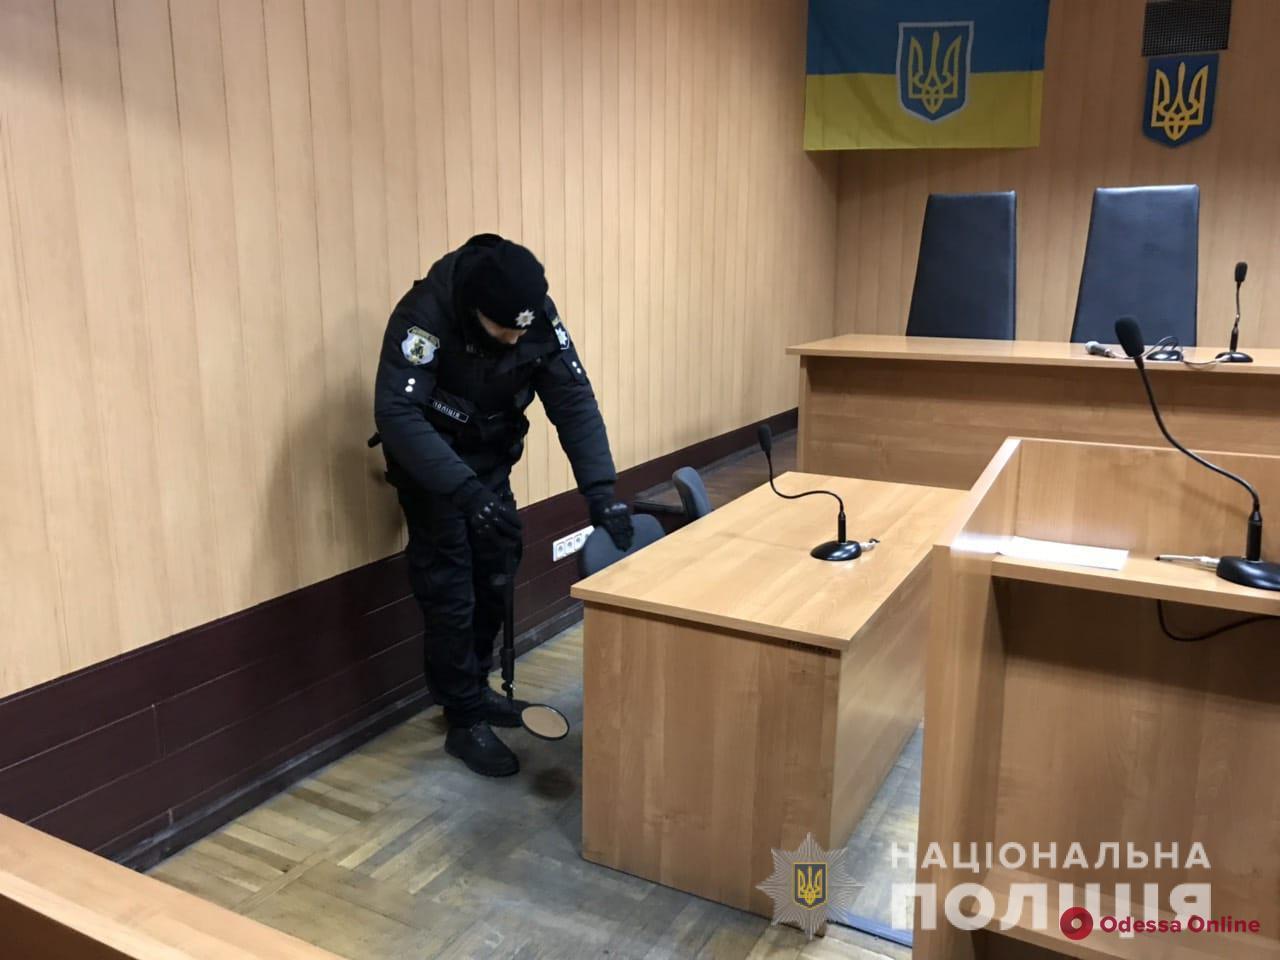 Второй раз за день: в Малиновском суде снова ищут взрывчатку